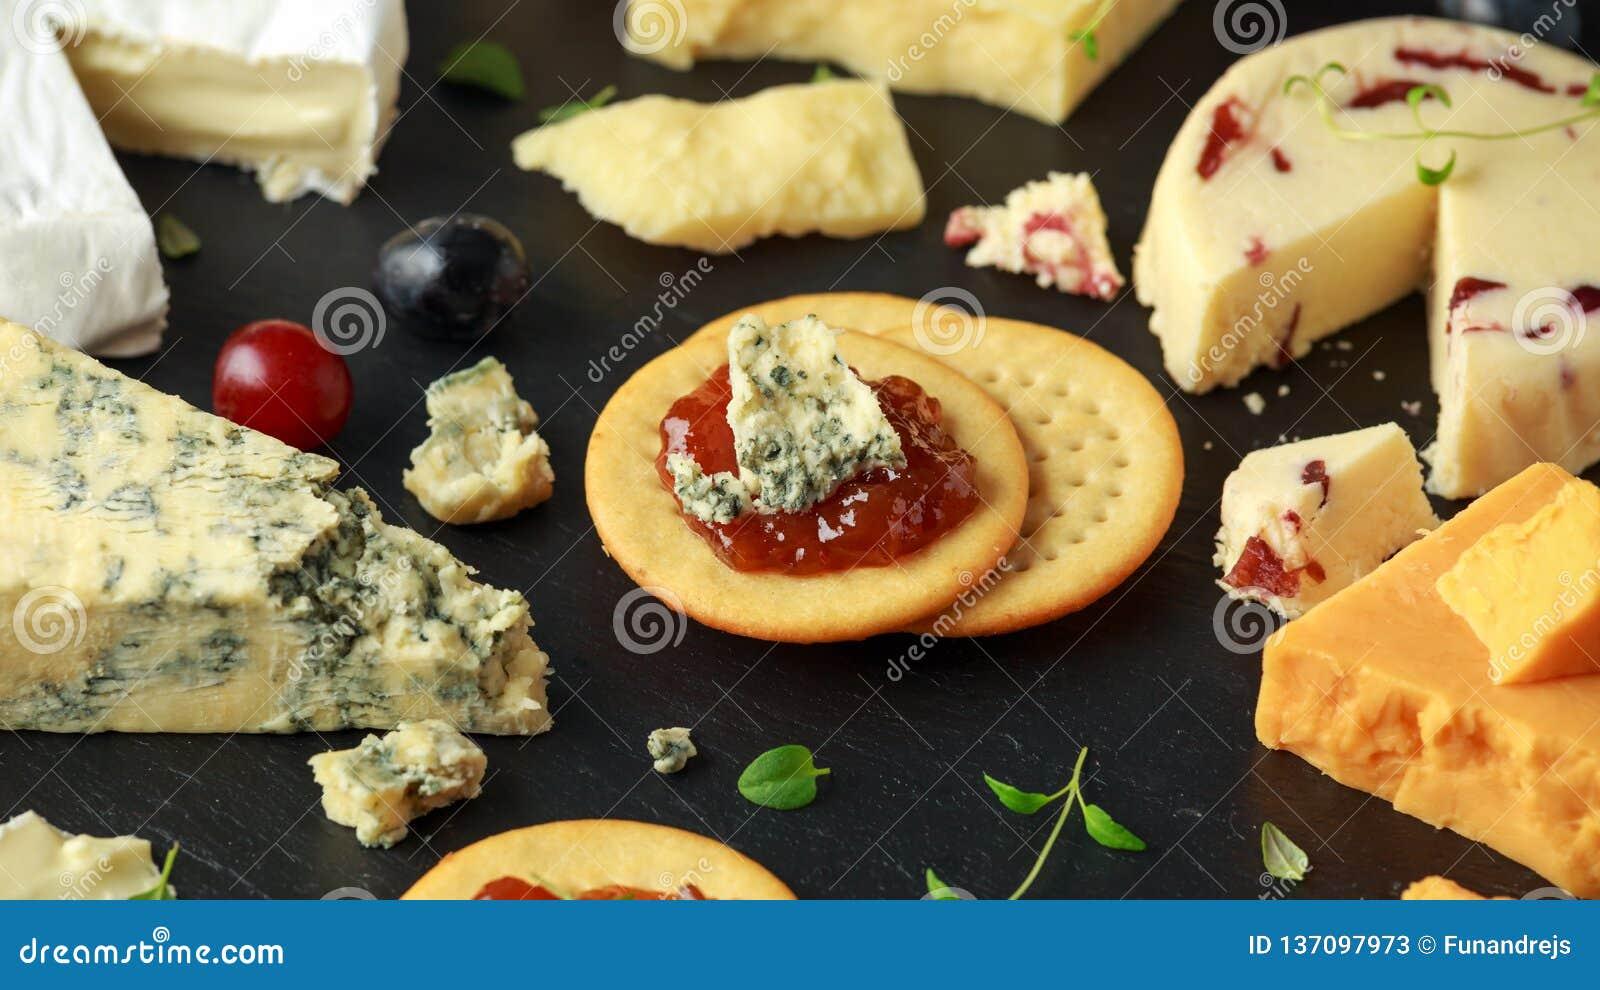 Блюдо сыров, который служат с виноградинами, чатни эля, мед, шутихи на каменной доске Бри, чеддер, красный Лестер